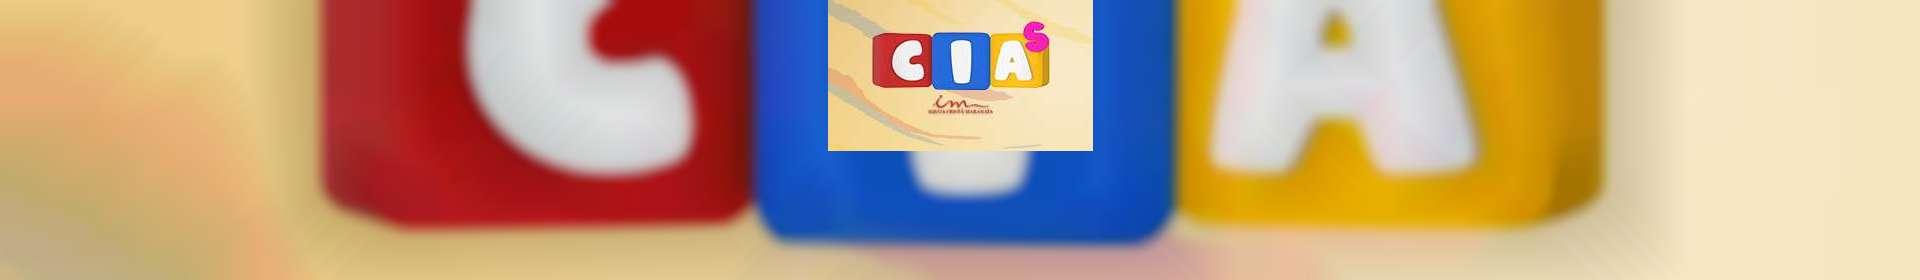 Aula de CIAS: classe de 0 a 3 anos e gestantes - 09 de julho de 2020